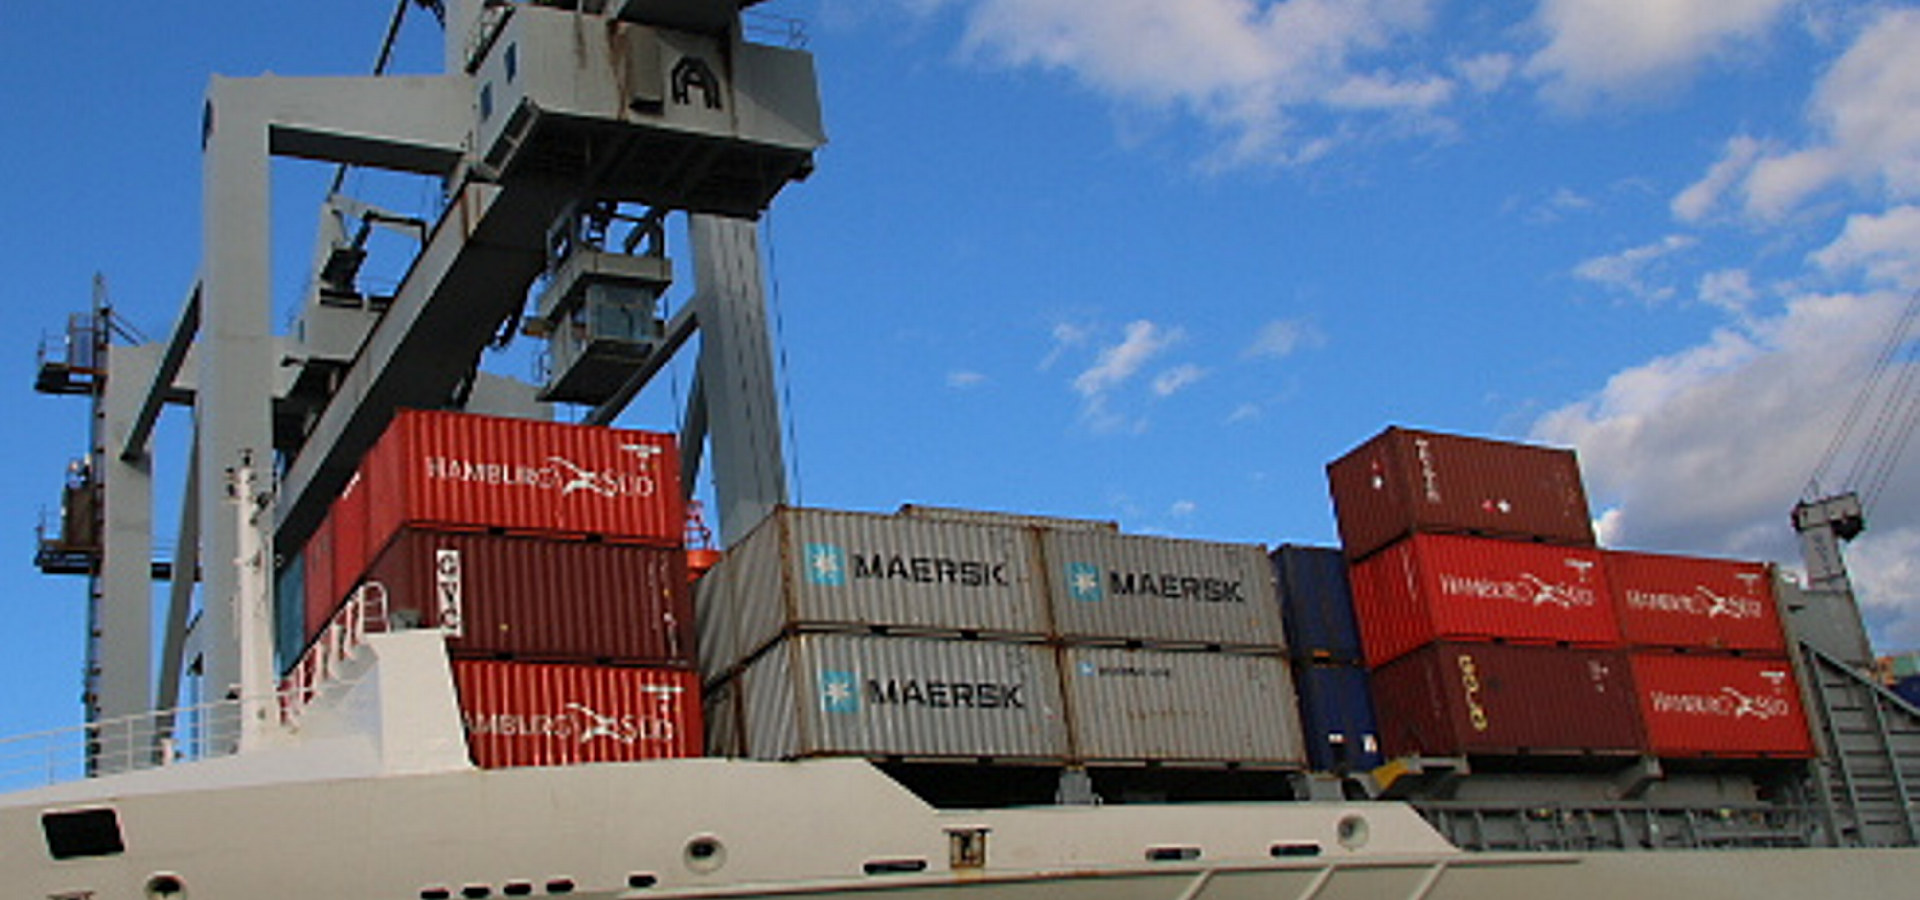 Containerskip som ligger i havn.